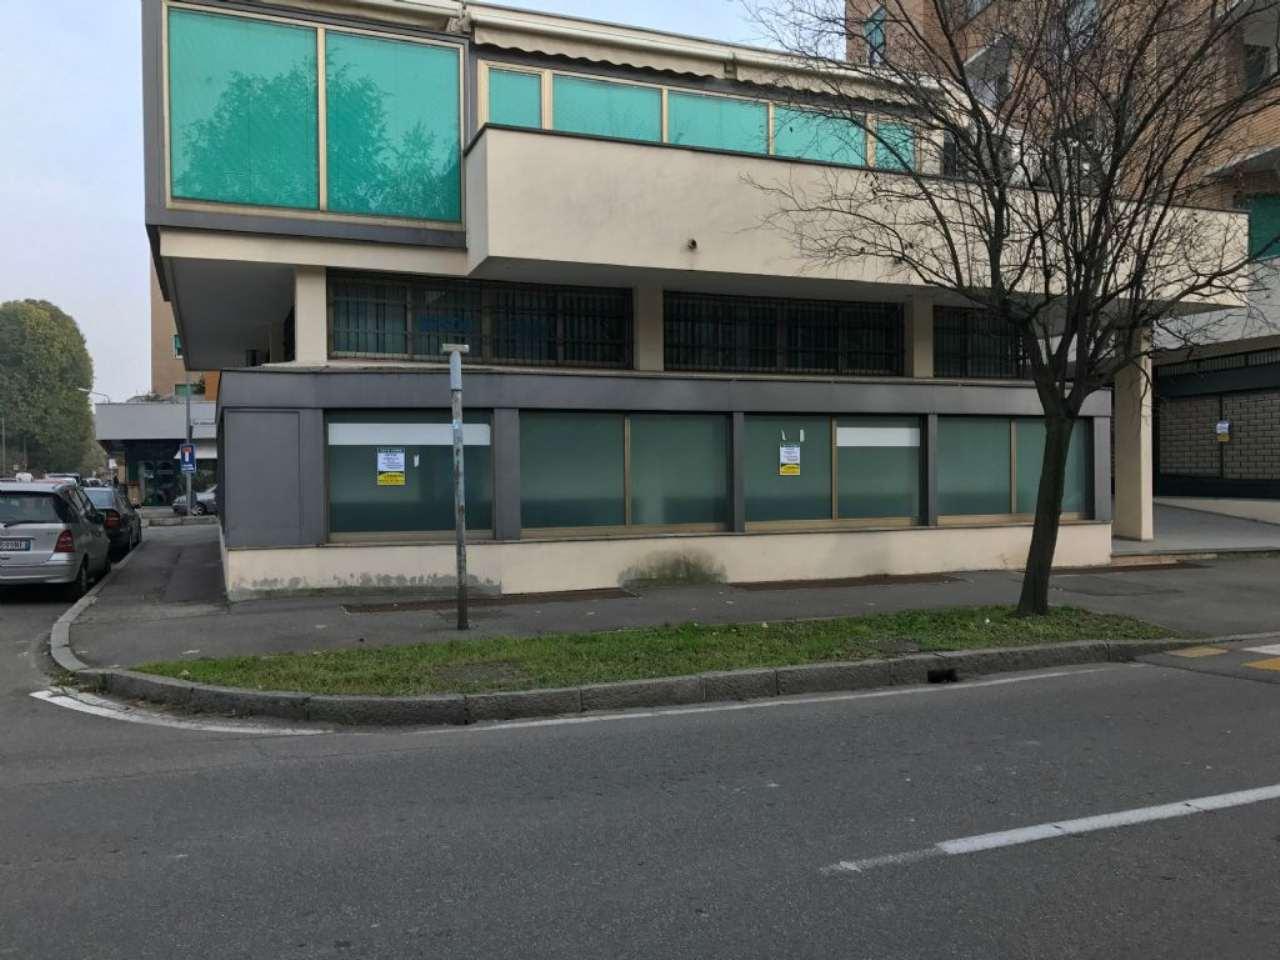 Ufficio / Studio in vendita a Cormano, 8 locali, prezzo € 395.000 | Cambio Casa.it